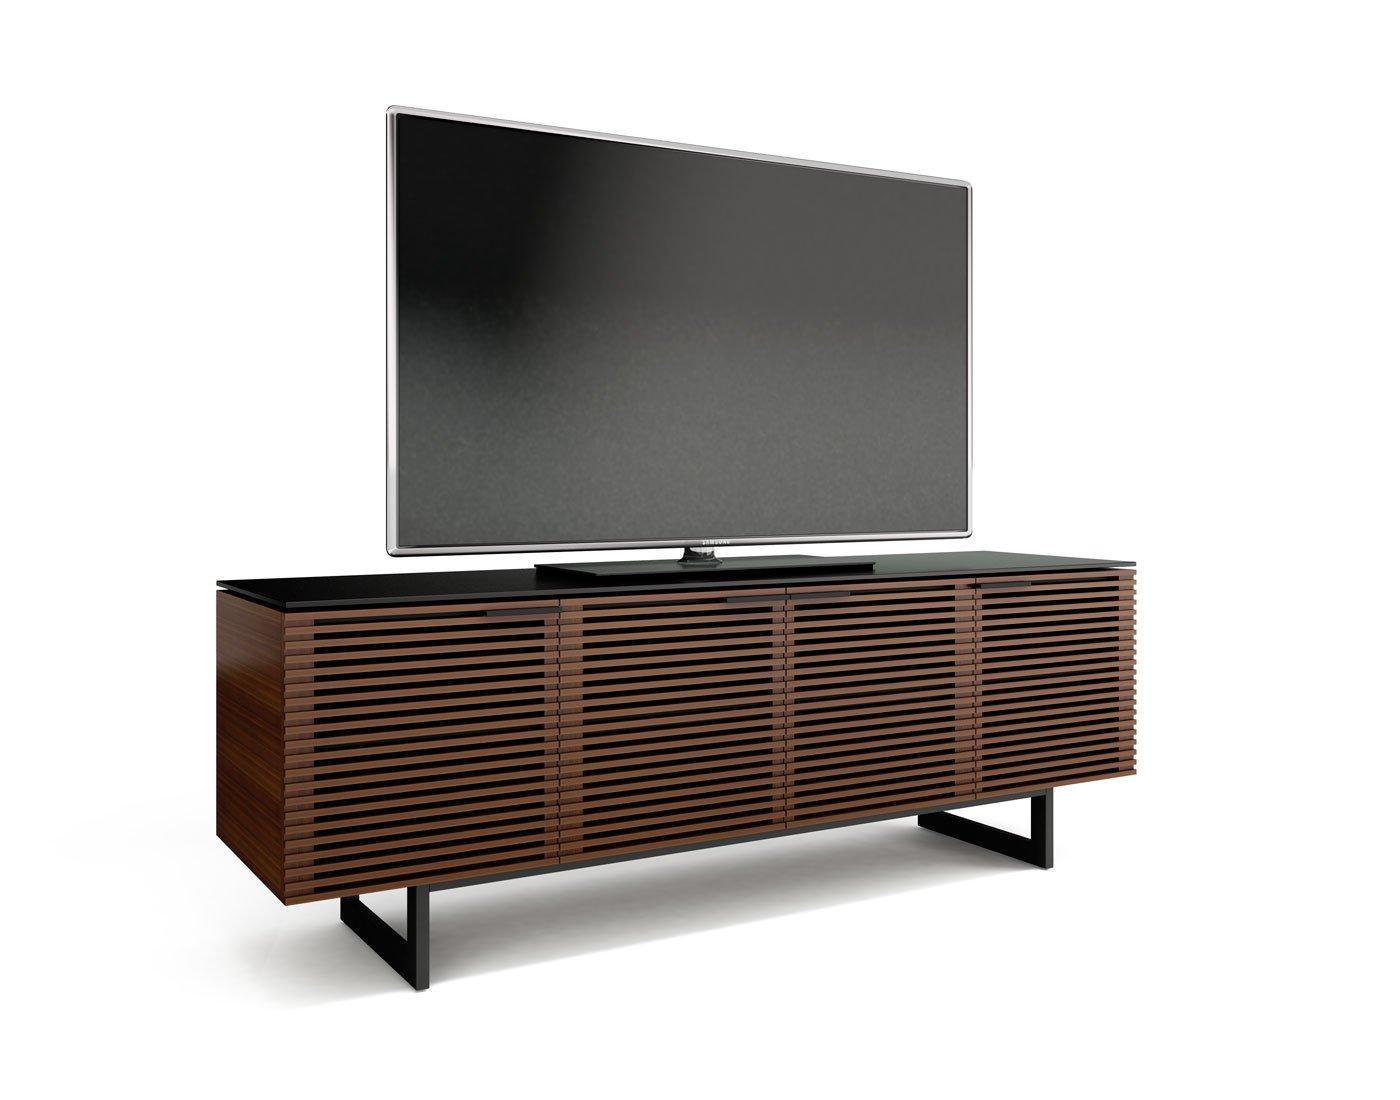 bdi tv stands unique bdi tv cabinets define functional style  tv  - bdi tv stands bdi corridor  quad cabinet